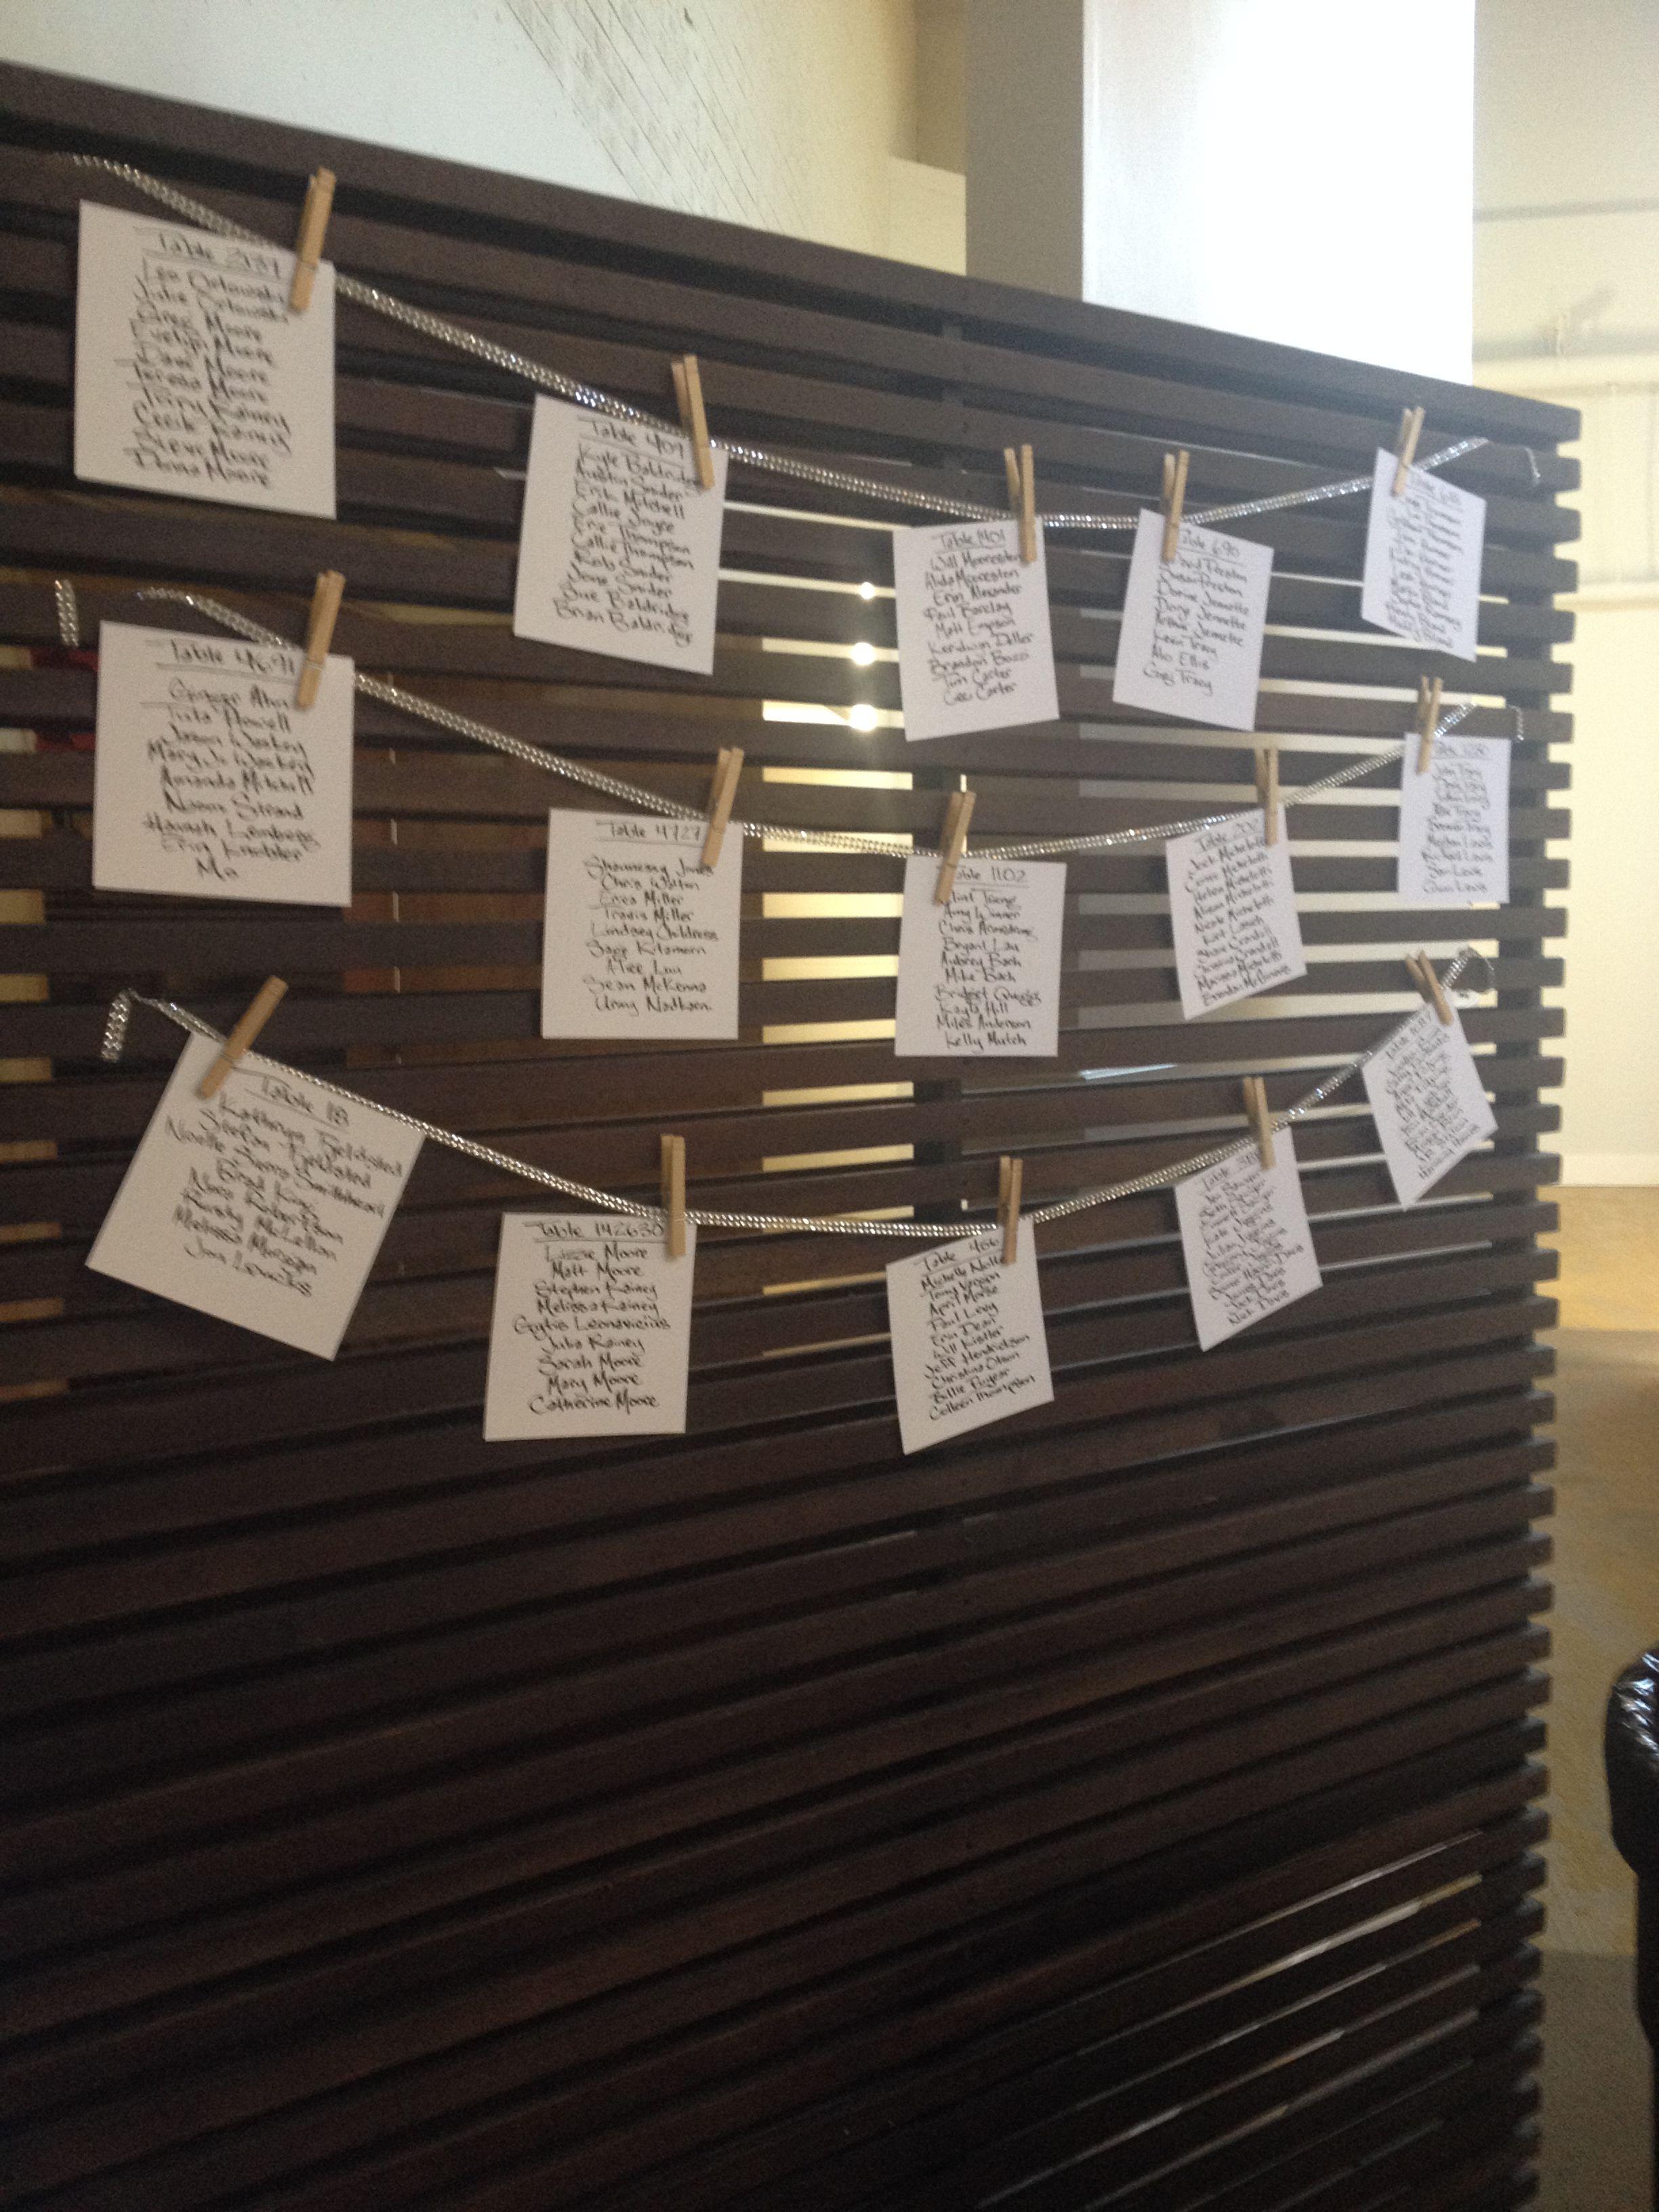 Alida & Will 9/10/14 Fun hanging seating chart